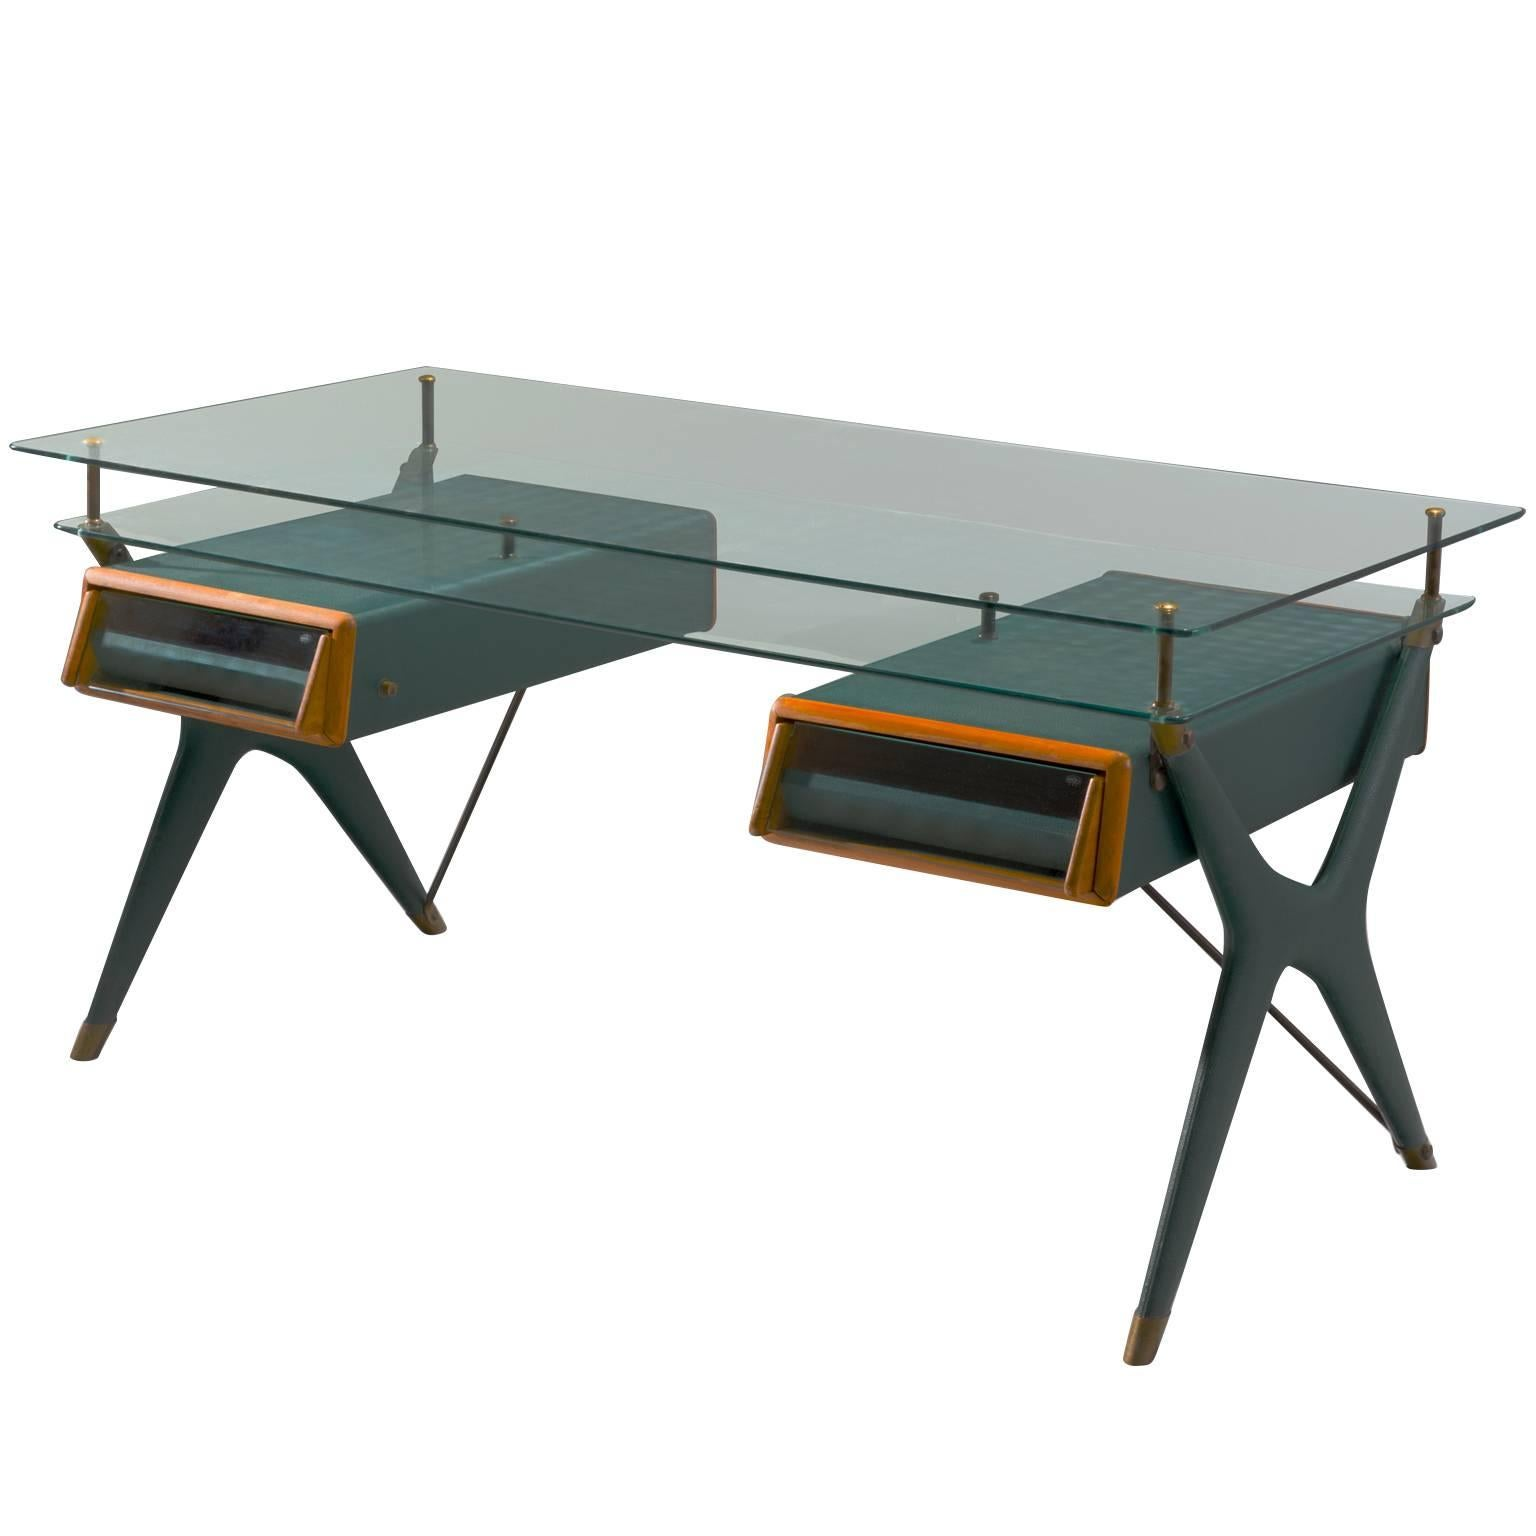 Silvio Berrone For Bialetti Desk In Green Leatherette And Brass